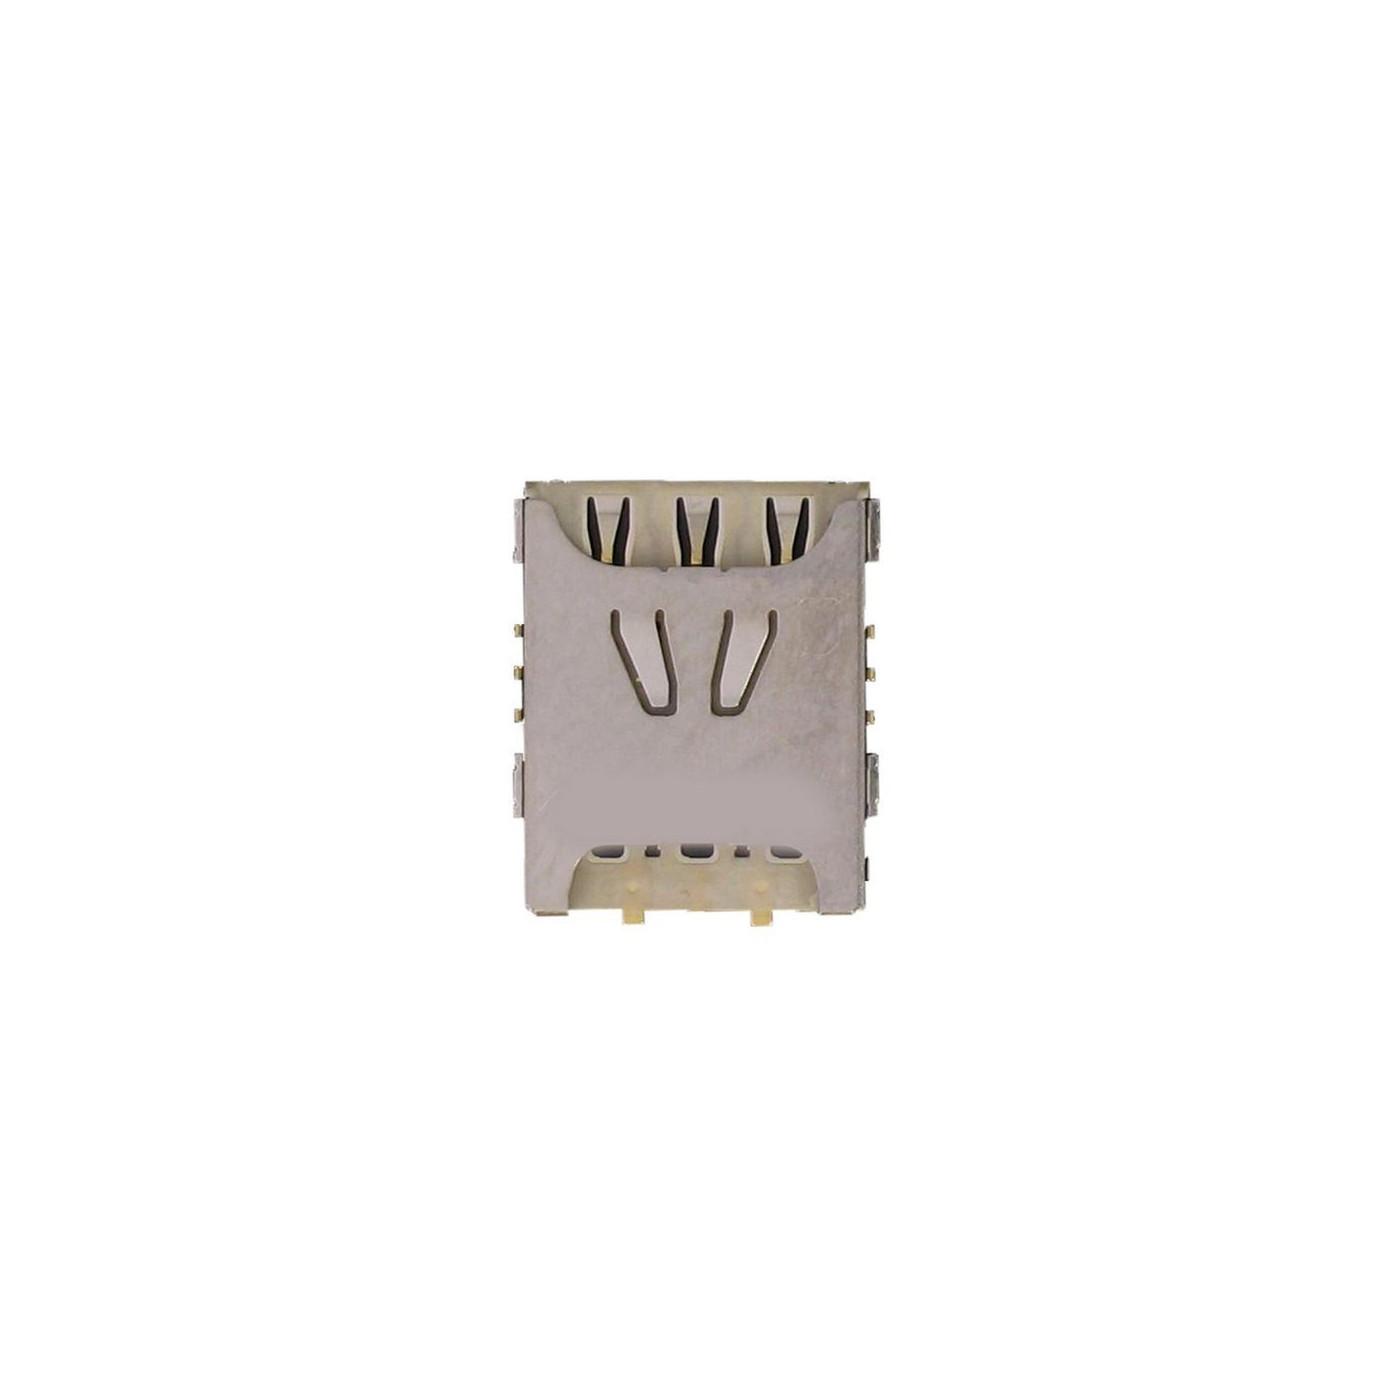 Lecteur de carte SIM pour samsung galaxy s5 mini g800f contacts